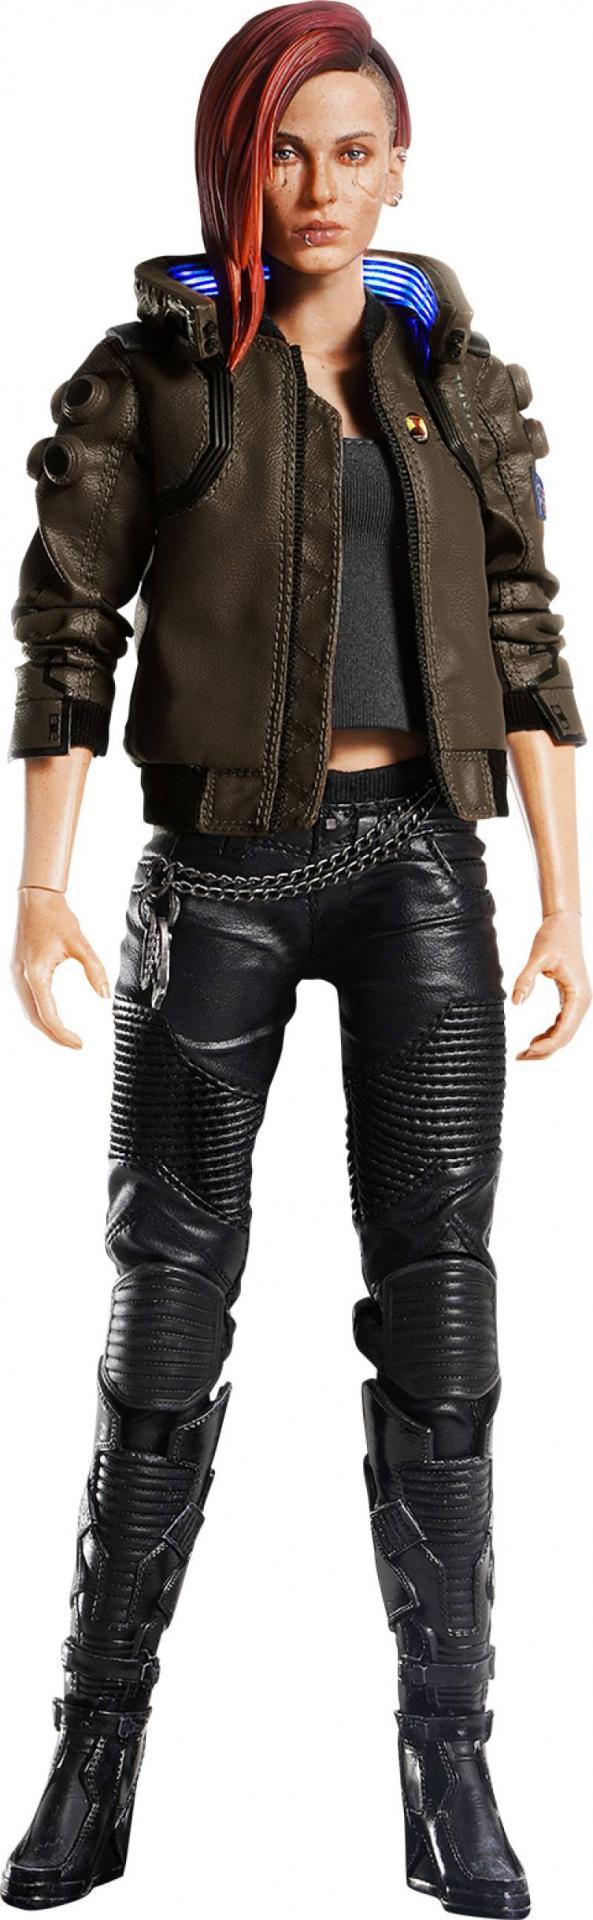 Cyberpunk 2077 figurine v female 30 cm77778896459 2 1